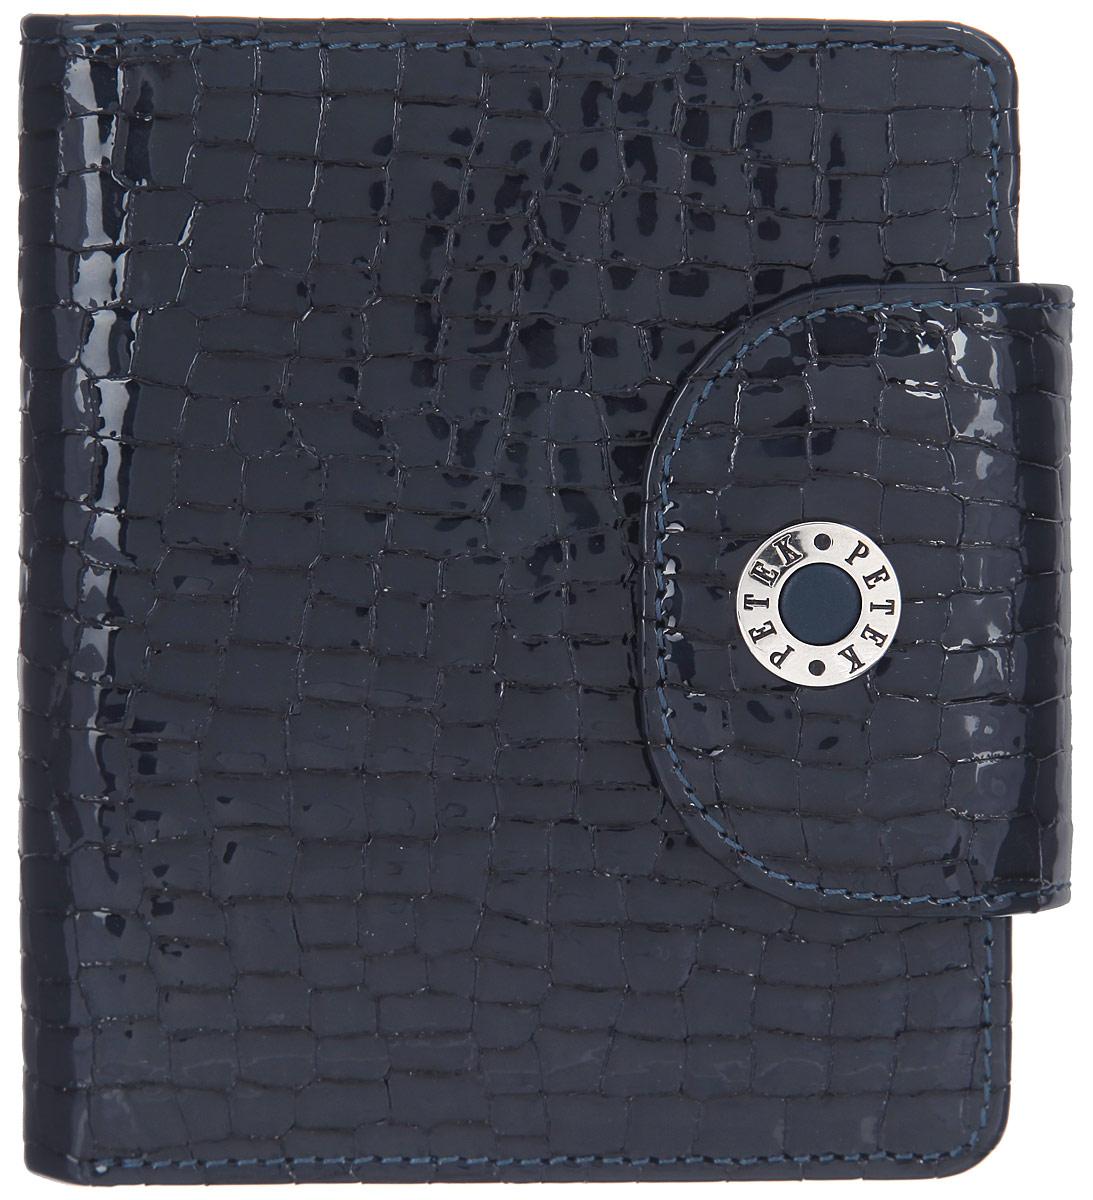 Портмоне женское Petek 1855, цвет: темно-синий. 346.091.08BM8434-58AEСтильное женское портмоне Petek 1855 выполнено из натуральной кожи и декорировано тиснением под кожу рептилии.Портмоне закрывается хлястиком на застежку-кнопку, на хлястике расположена металлическая пластина с гравировкой в виде названия бренда.Портмоне содержит четыре кармашка для кредиток или пластиковых карт, четыре потайных кармана, конверт  для монет, закрывающийся клапаном на застежку-кнопку, и два отделения для купюр.Изделие упаковано в фирменную коробку.Такое портмоне станет отличным подарком для человека, ценящего качественные и стильные вещи.